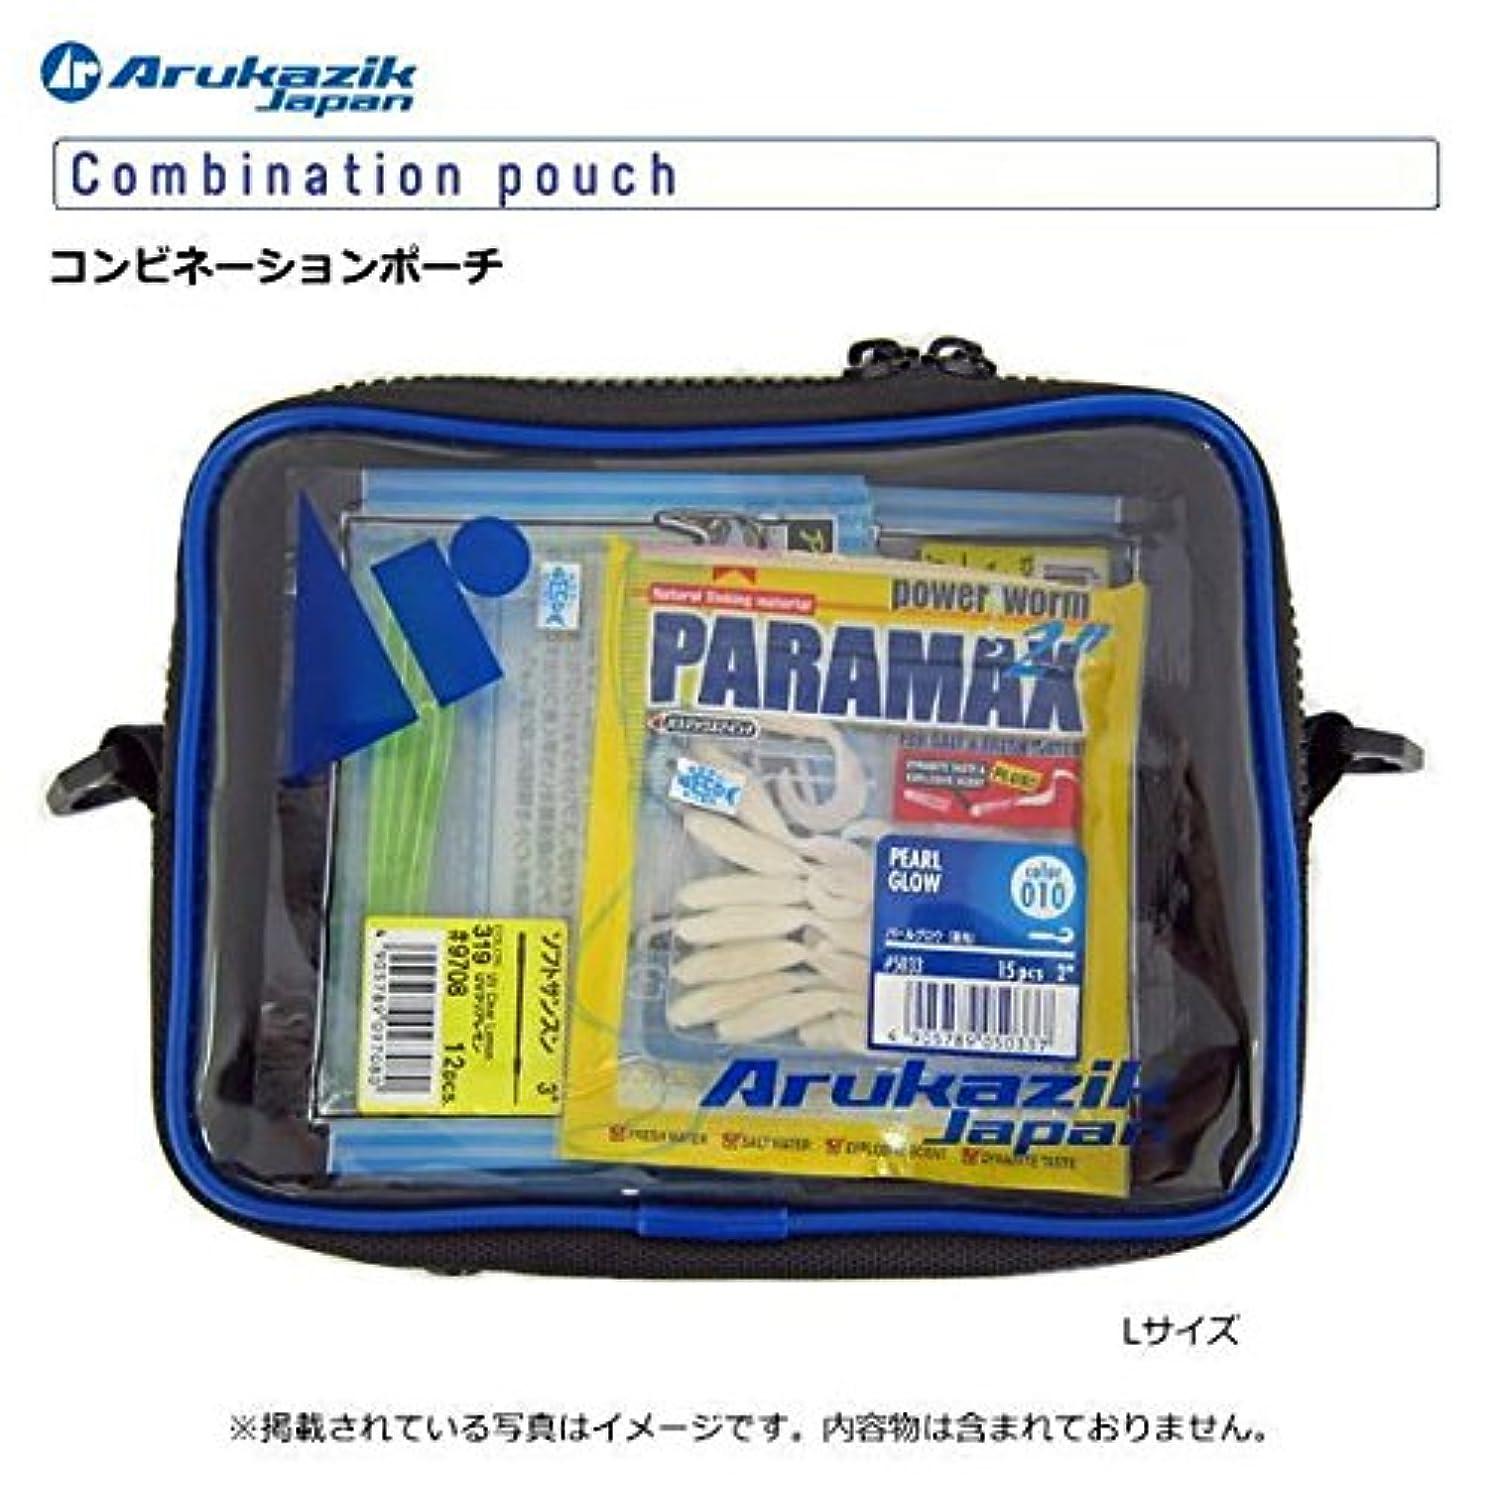 しょっぱい科学的テスピアンArukazik Japan(アルカジックジャパン) コンビネーションポーチ L